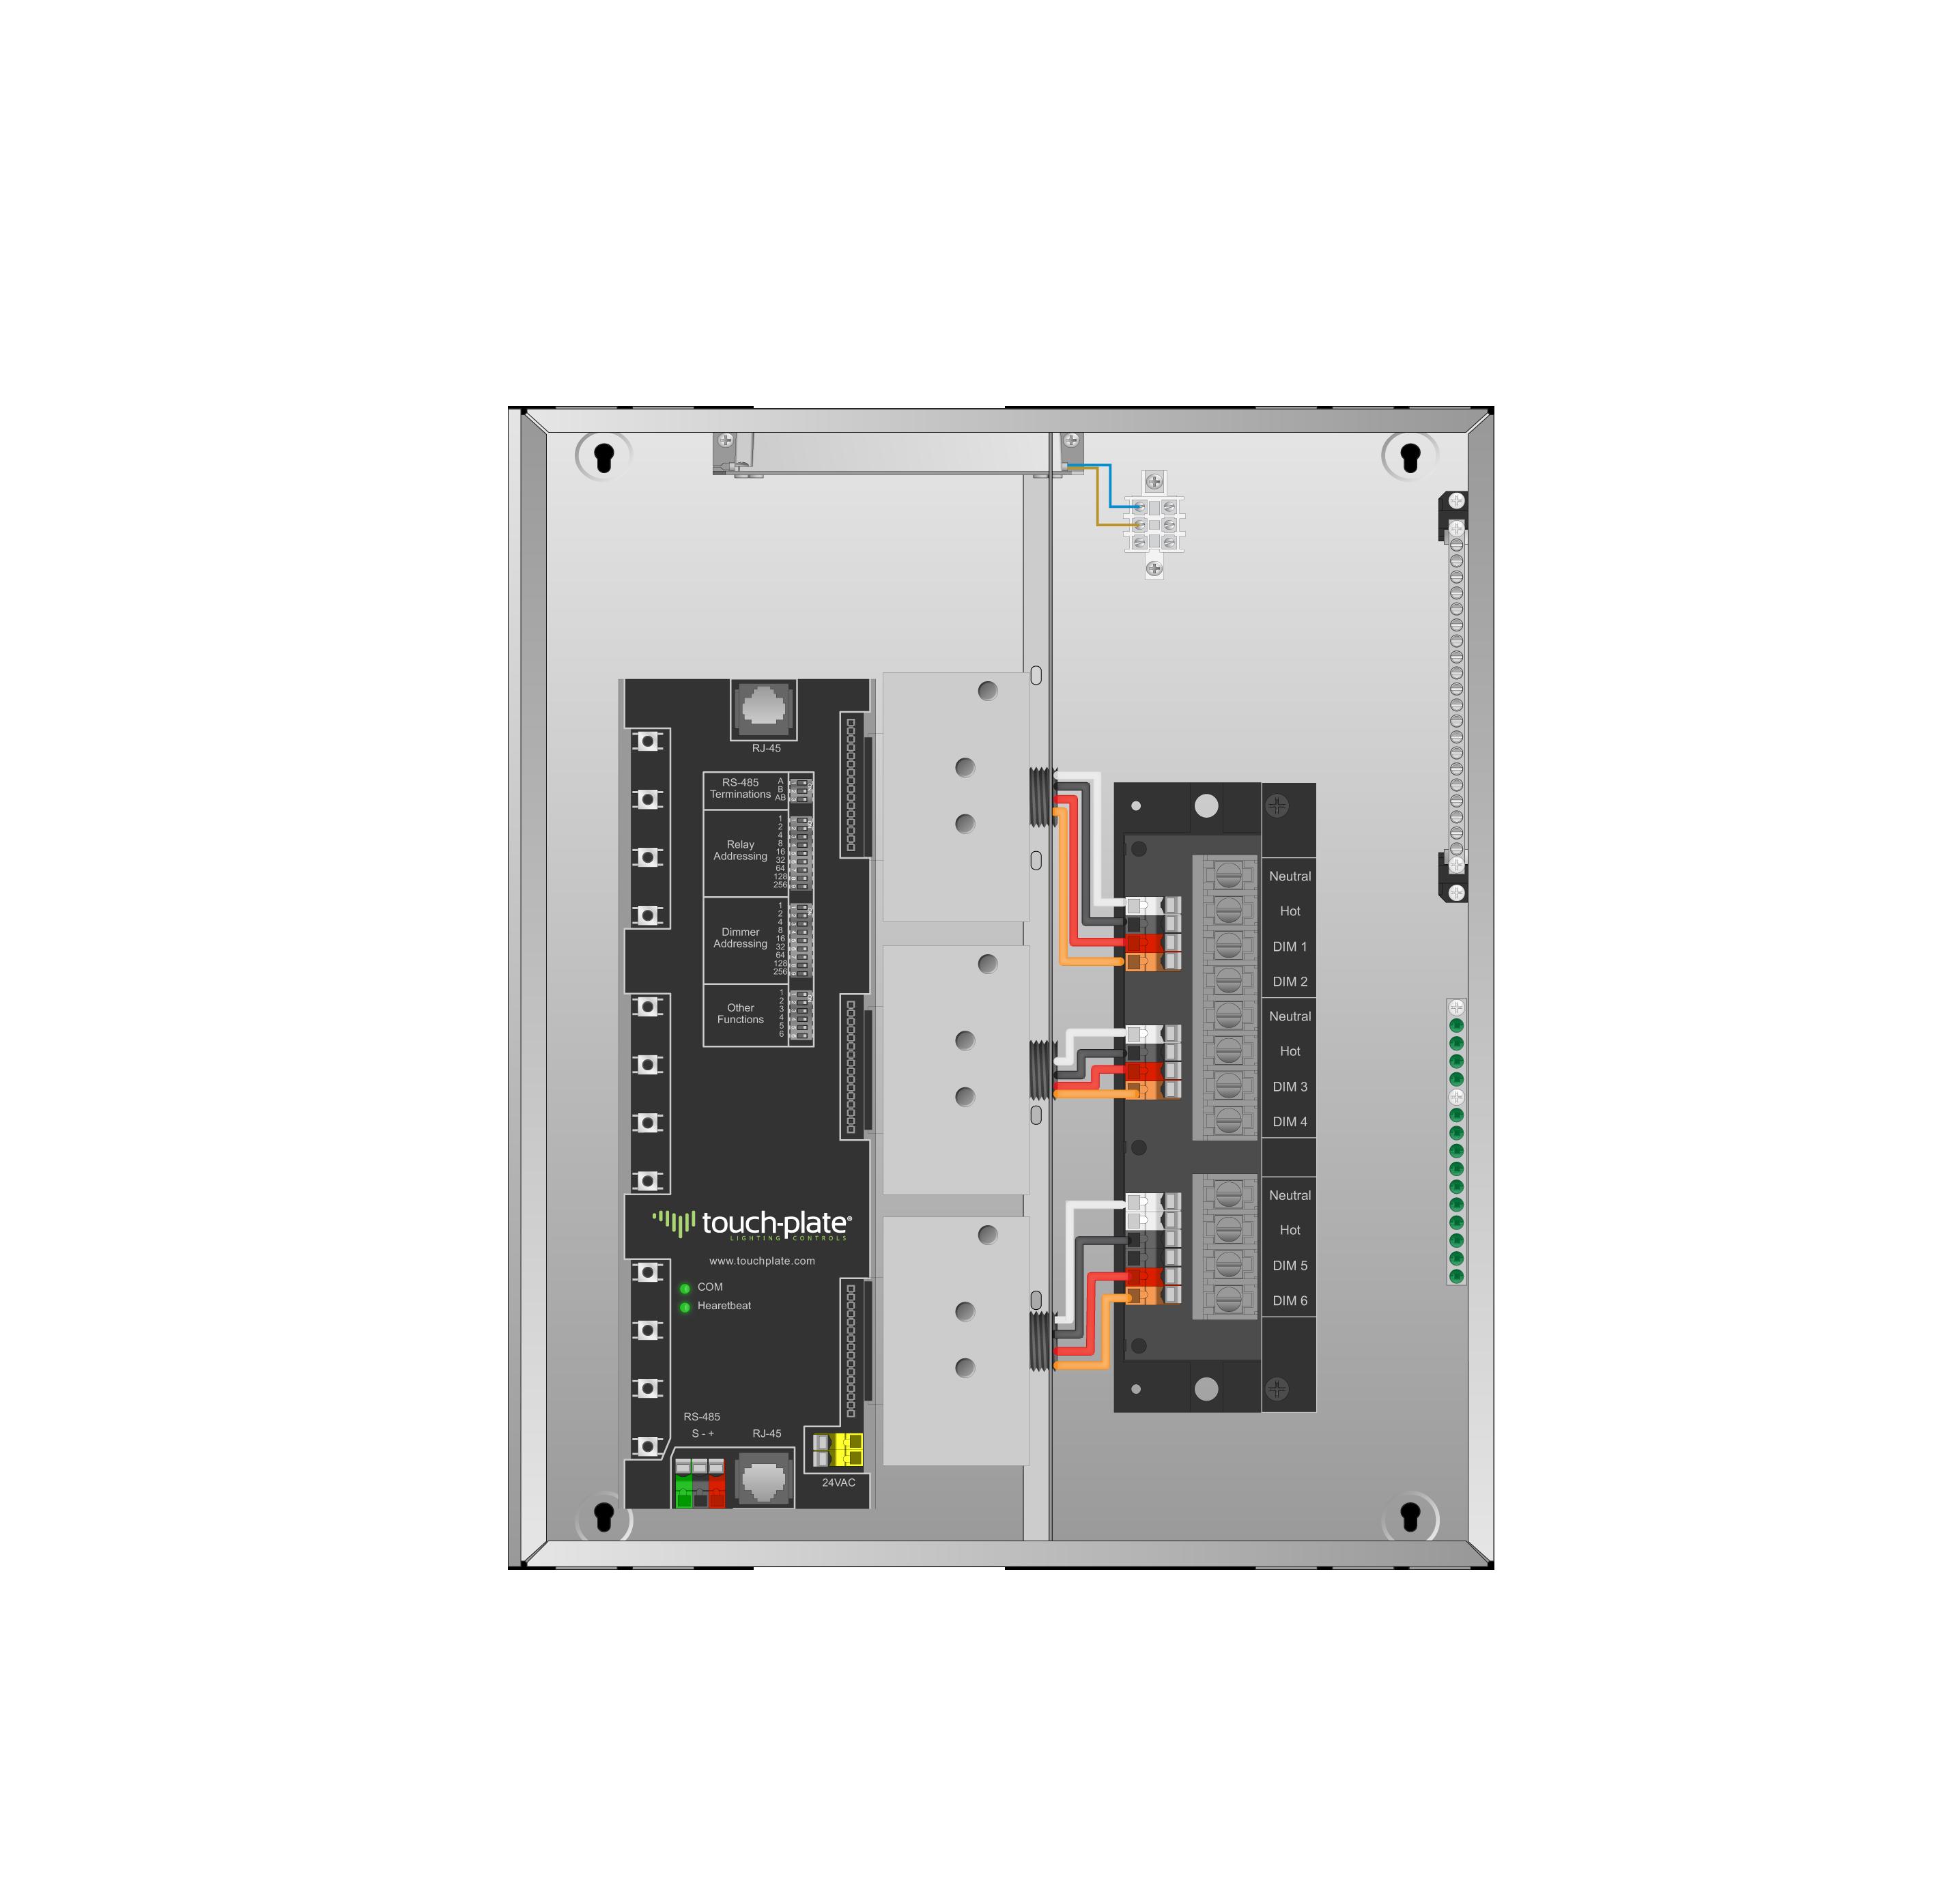 Panel (14.25x16.0)-10109